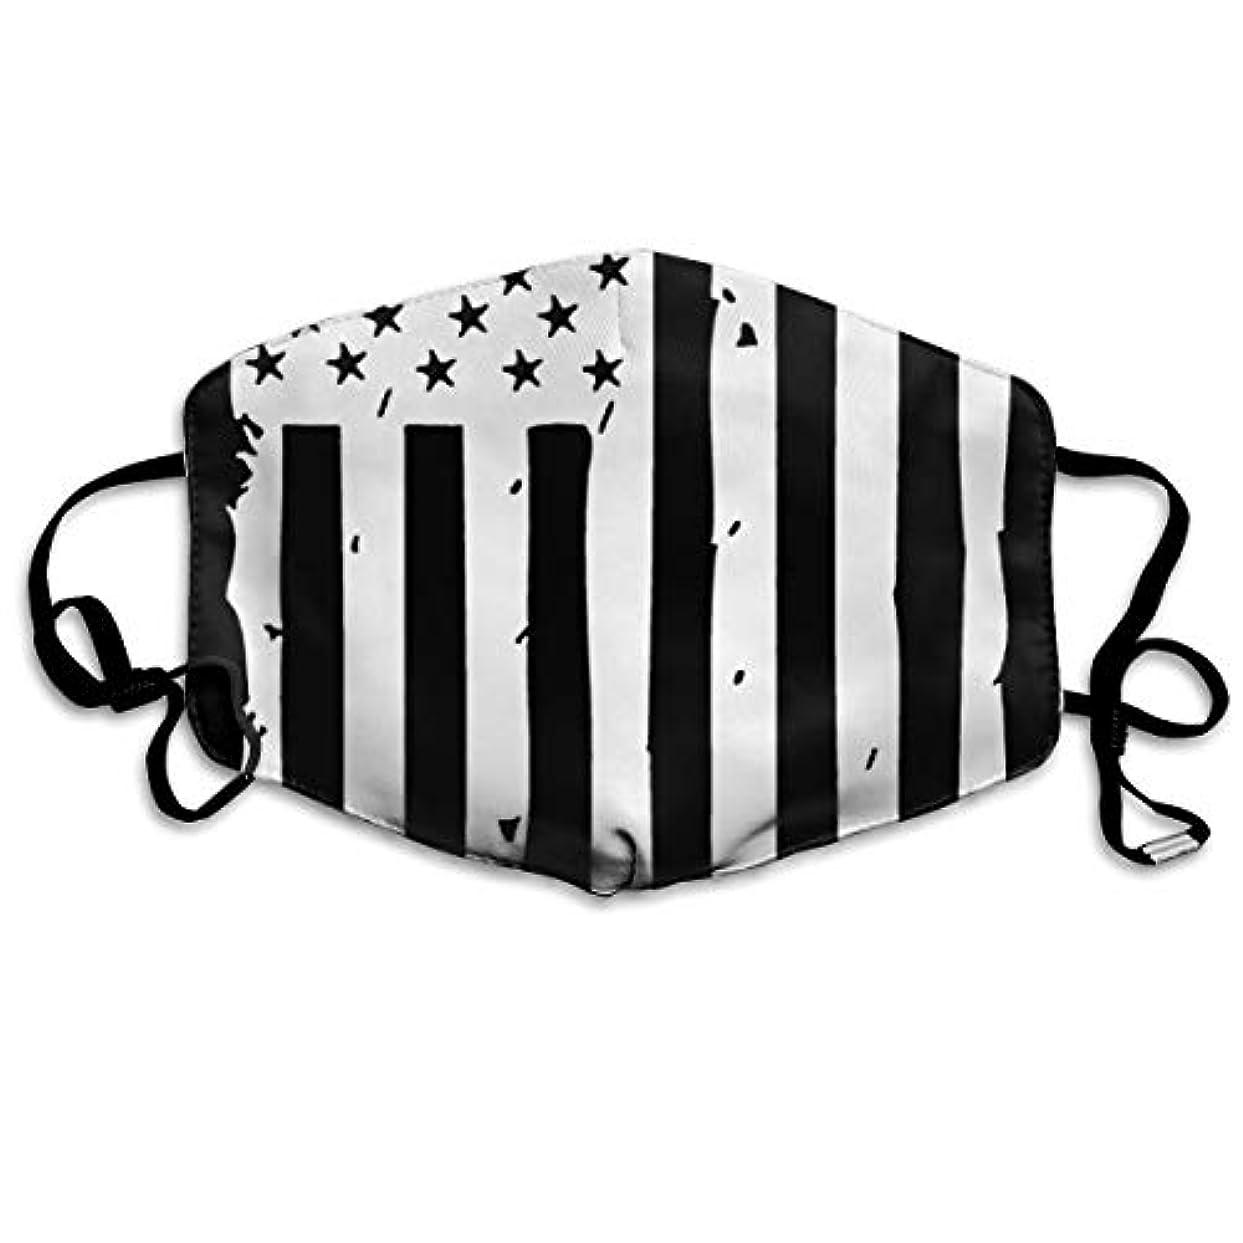 トレード傾くの配列Morningligh アメリカ 旗 マスク 使い捨てマスク ファッションマスク 個別包装 まとめ買い 防災 避難 緊急 抗菌 花粉症予防 風邪予防 男女兼用 健康を守るため